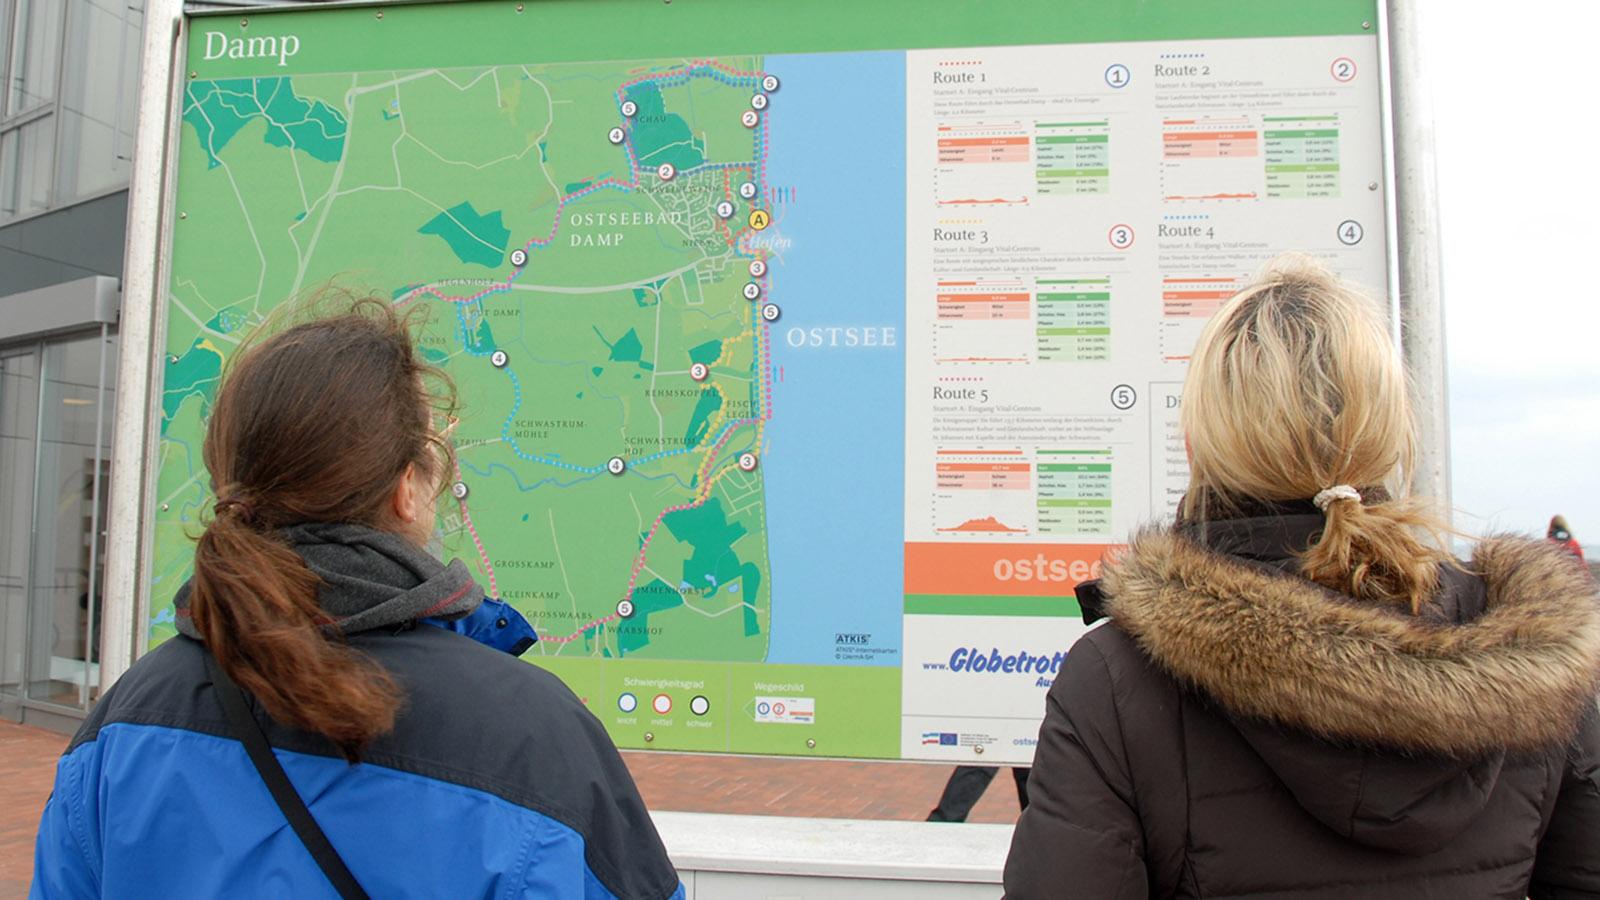 Stephanie Kreuzer (l.) und Eva Ehmke (r.) informieren sich an einer Übersichtskarte über die Angebote in Damp. Foto: Hilke Maunder